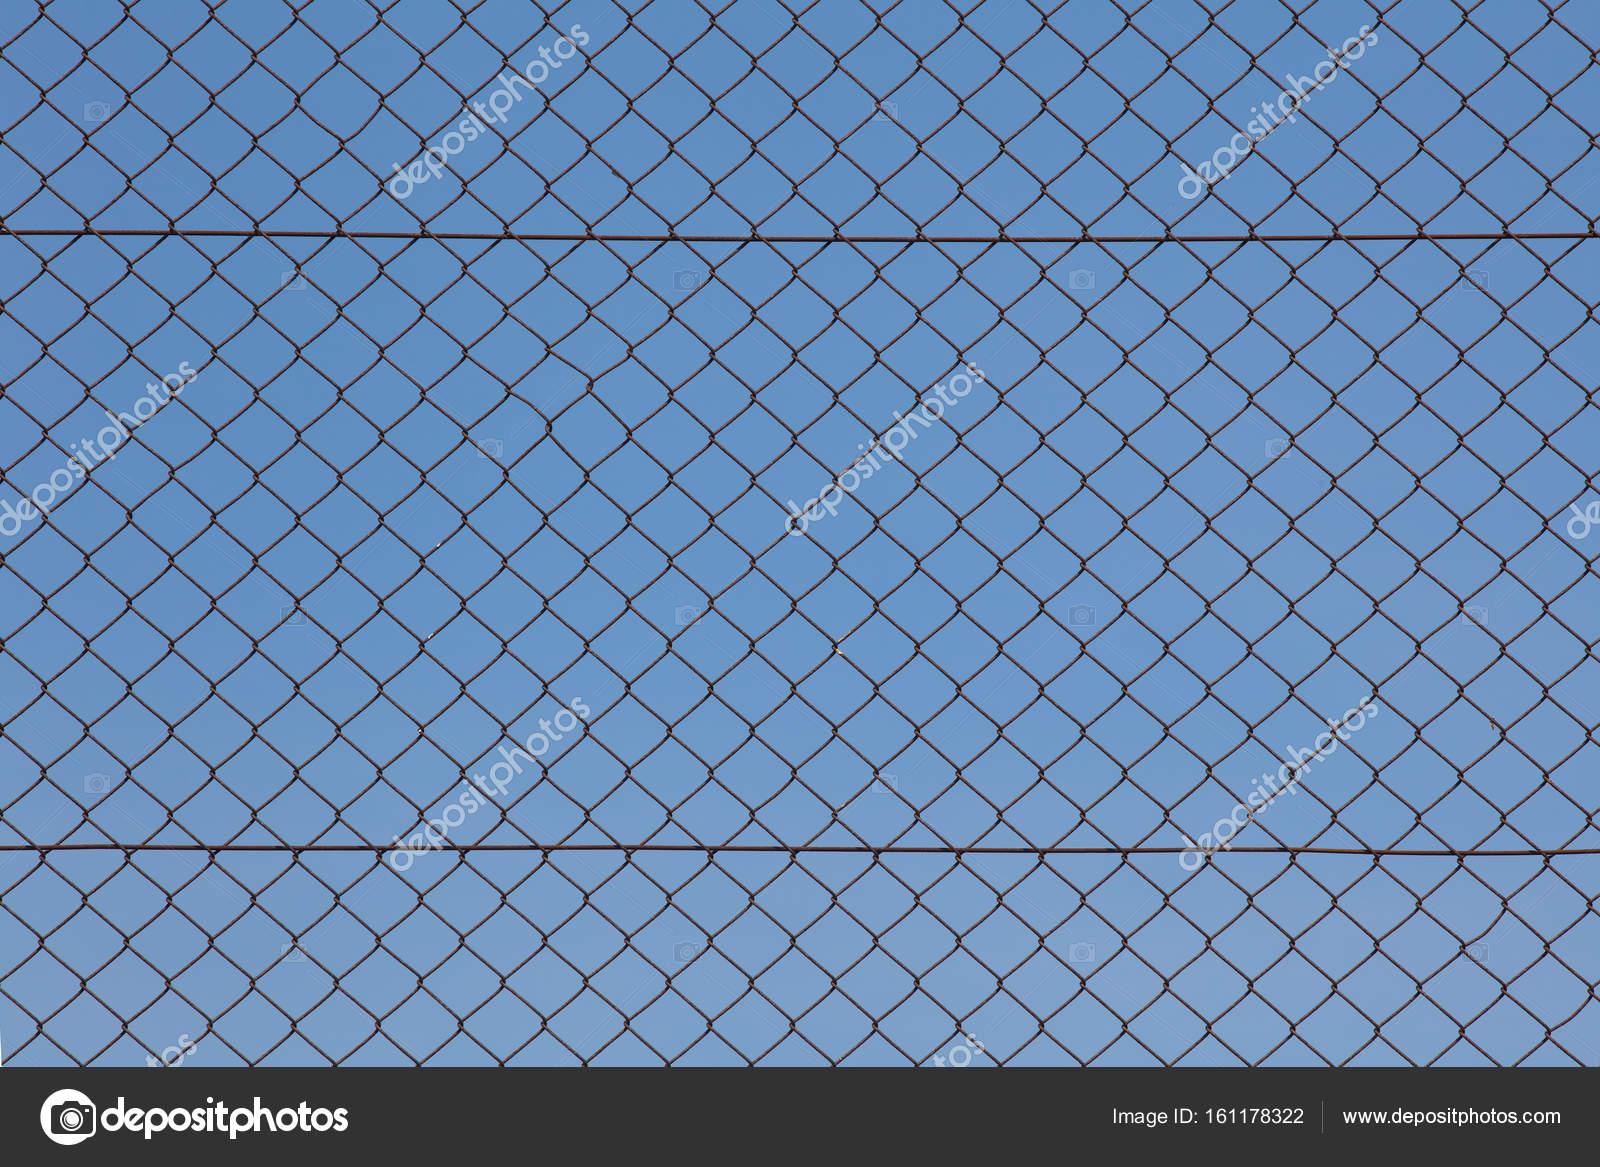 Metallische Drahtgeflecht und blauer Himmel — Stockfoto © Torsakarin ...